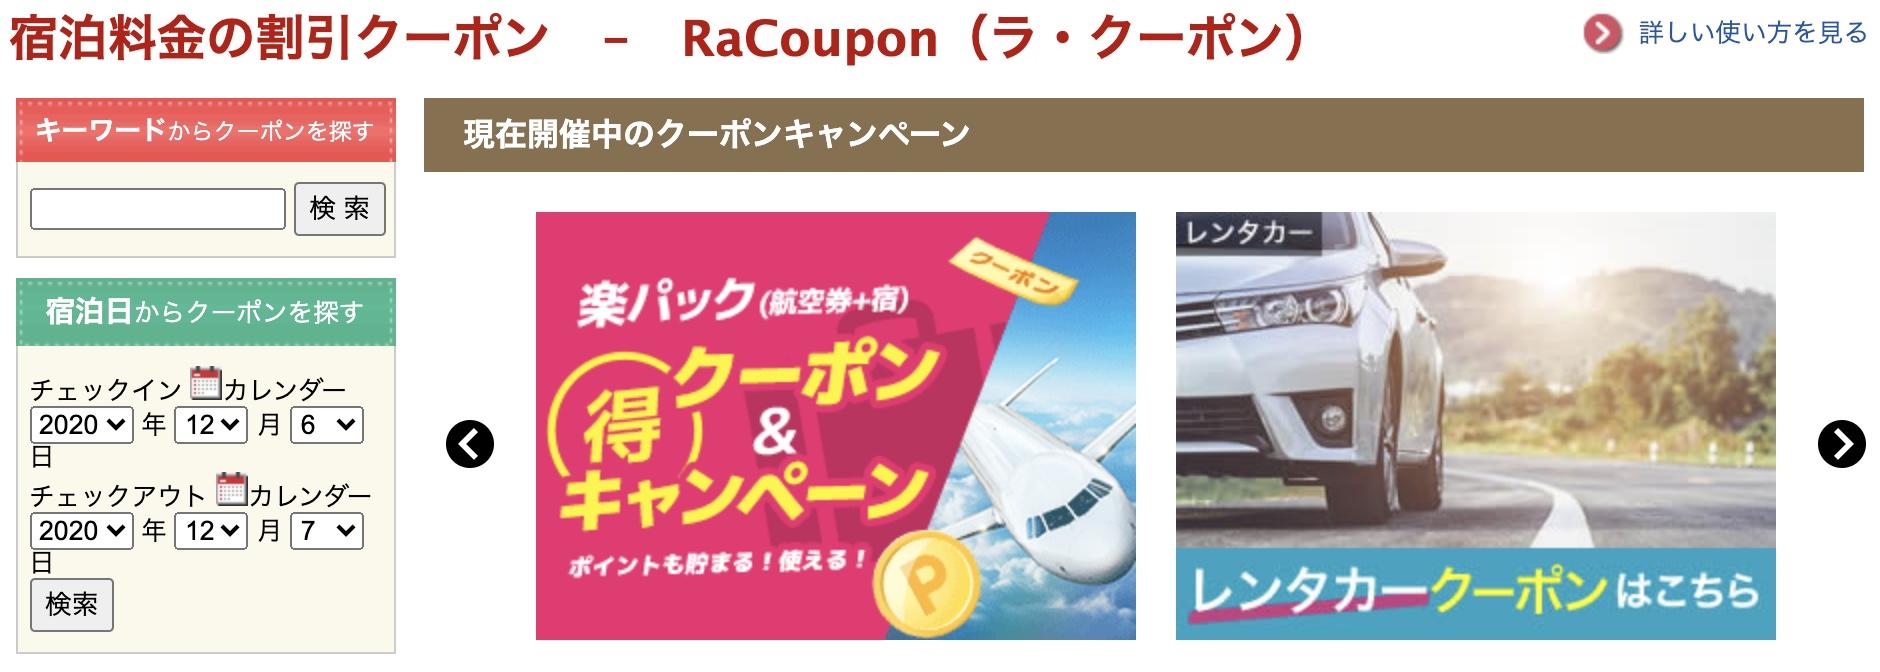 RaCoupon-楽天トラベル